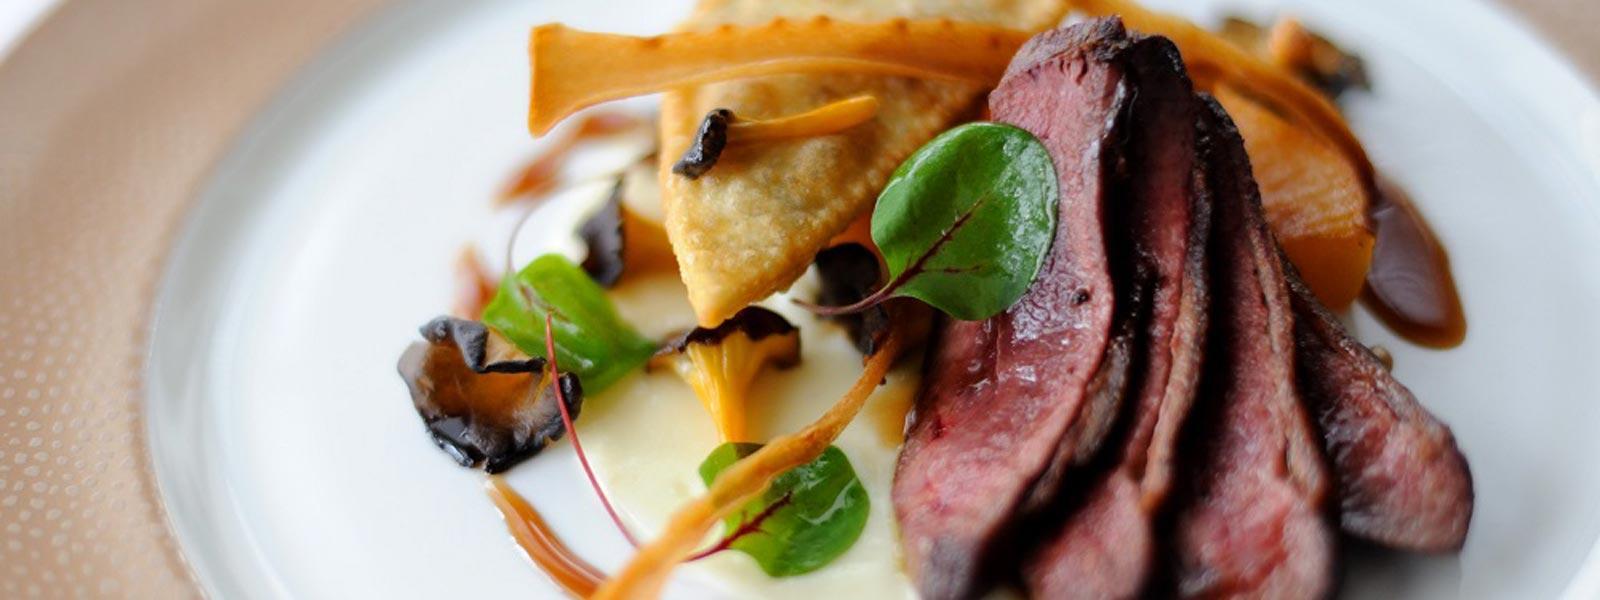 Australasian Cuisine